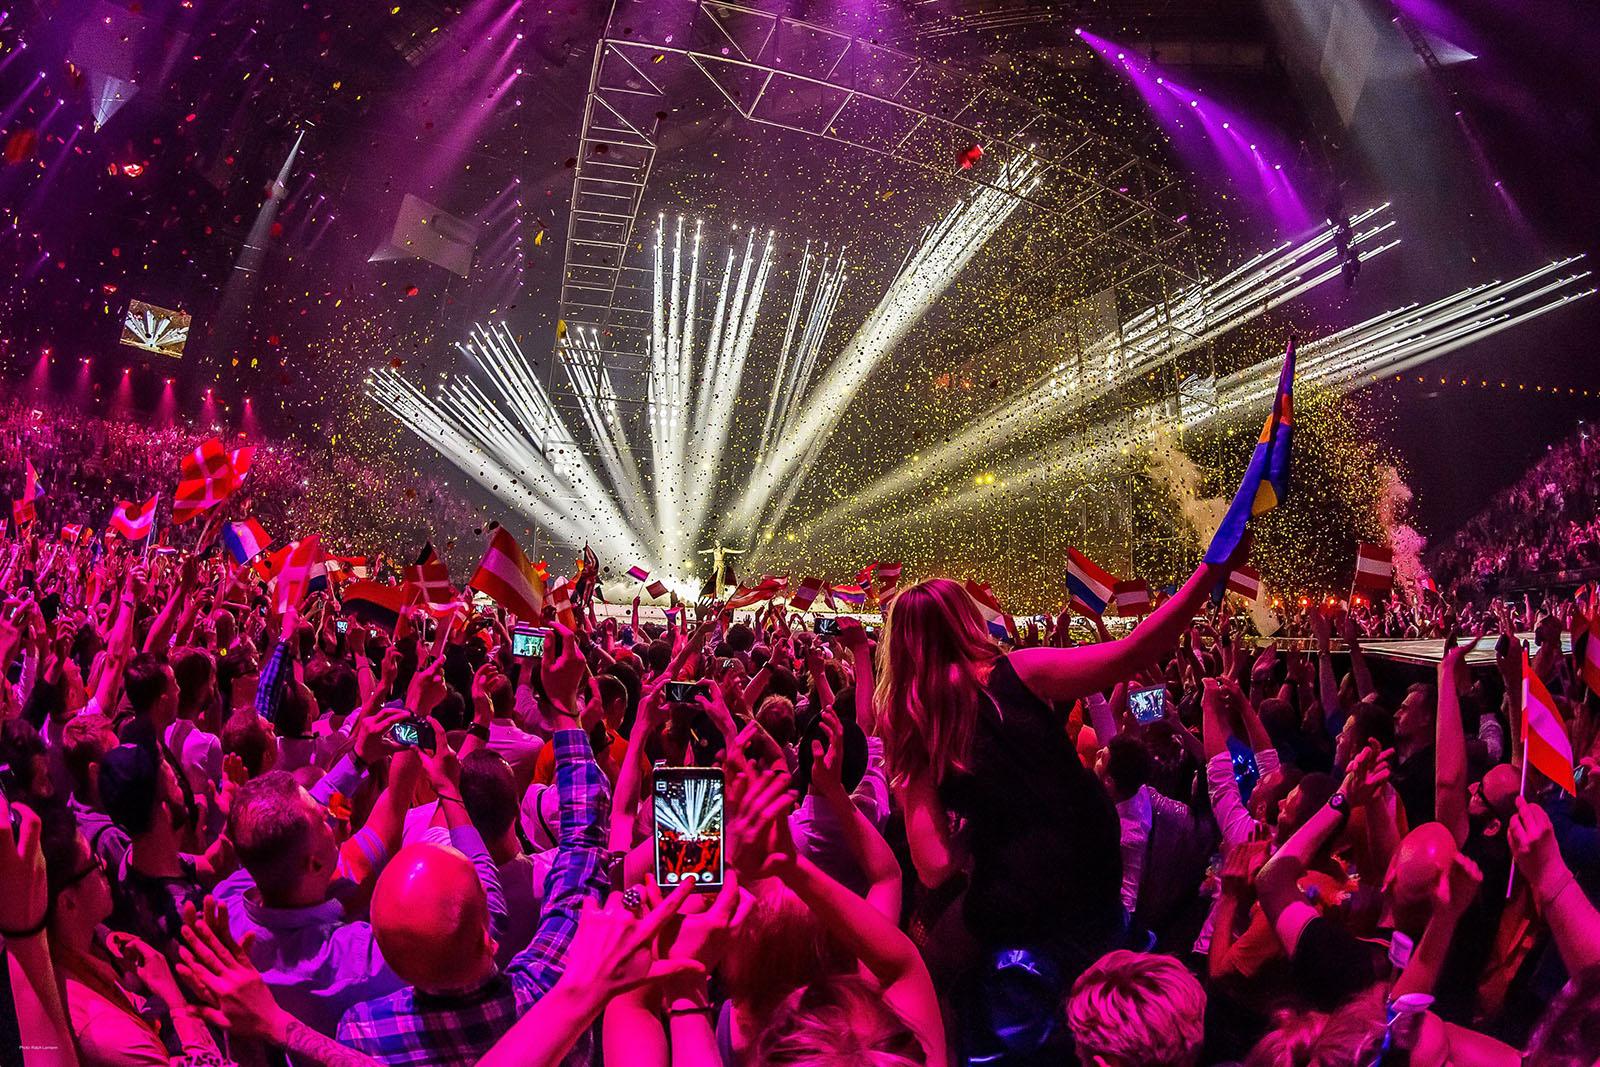 1亿2500万观众收看了欧洲歌唱大赛,12000名幸运粉丝得到了现场演出的